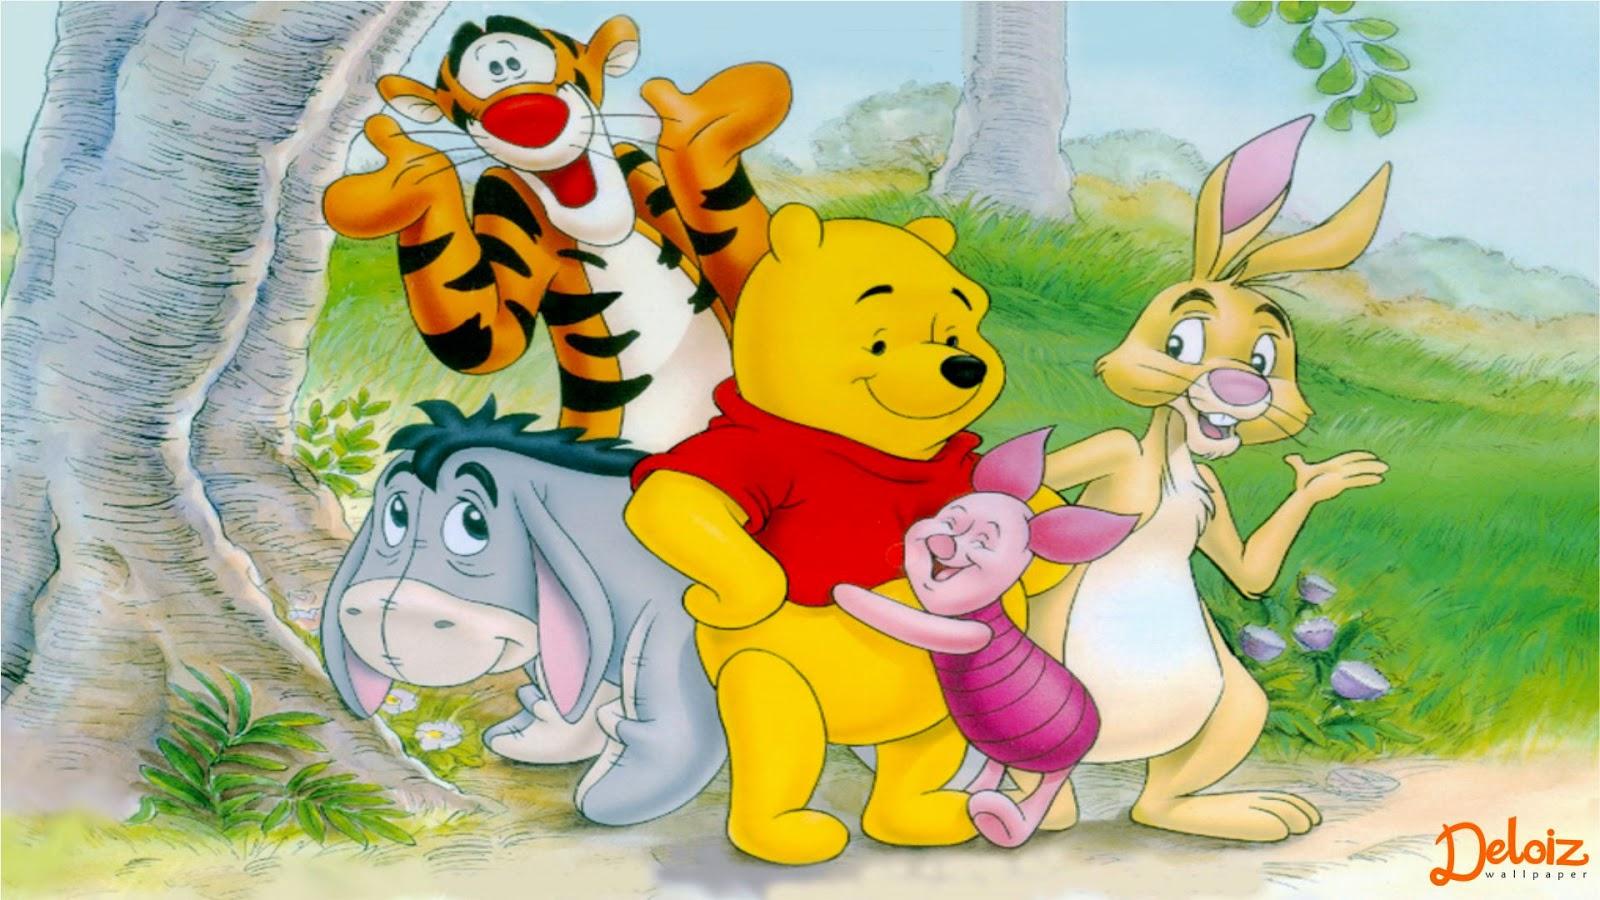 Get HD Wallpaper: Wallpaper Winnie The Pooh HD